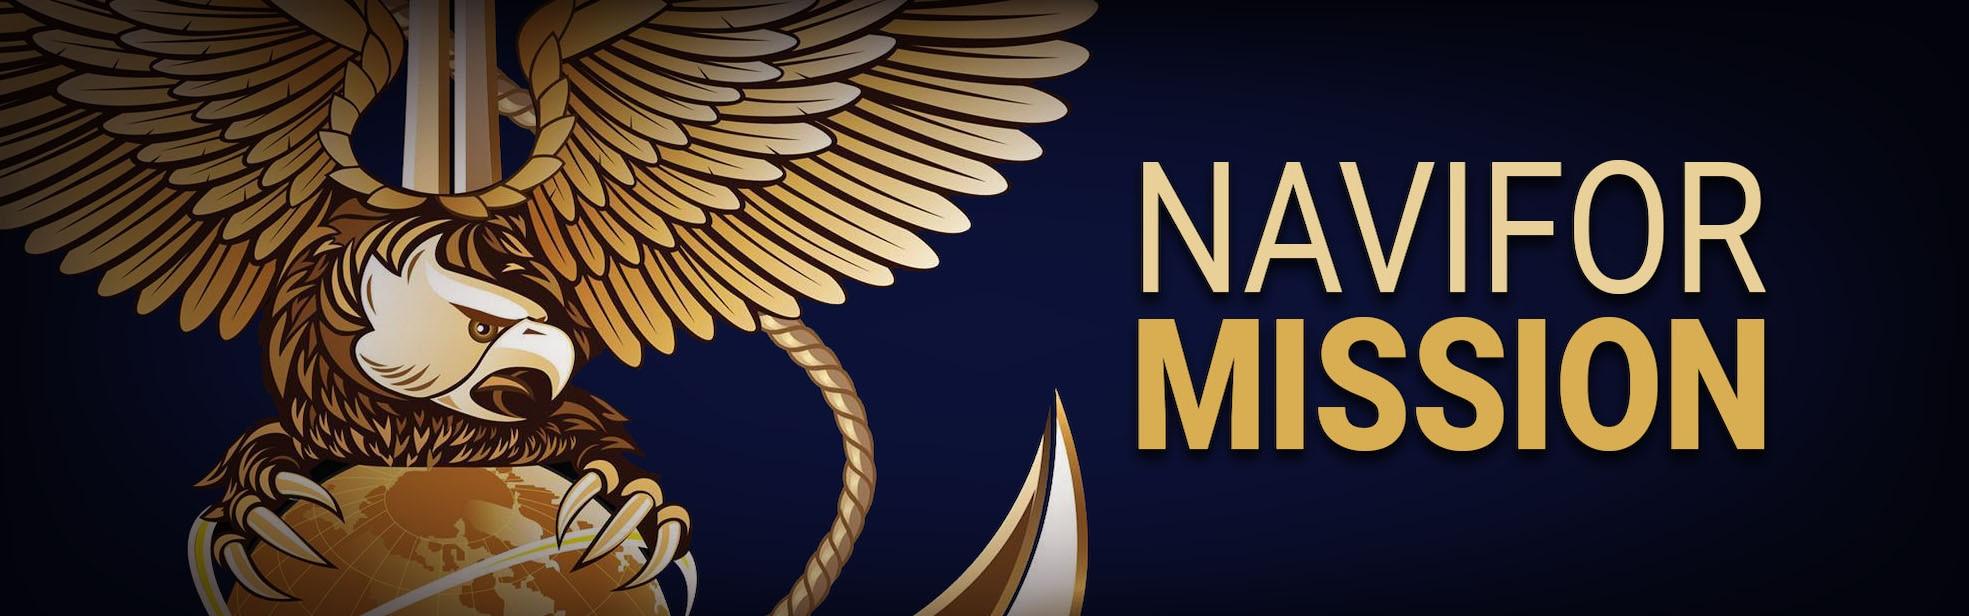 NAVIFOR Mission Banner